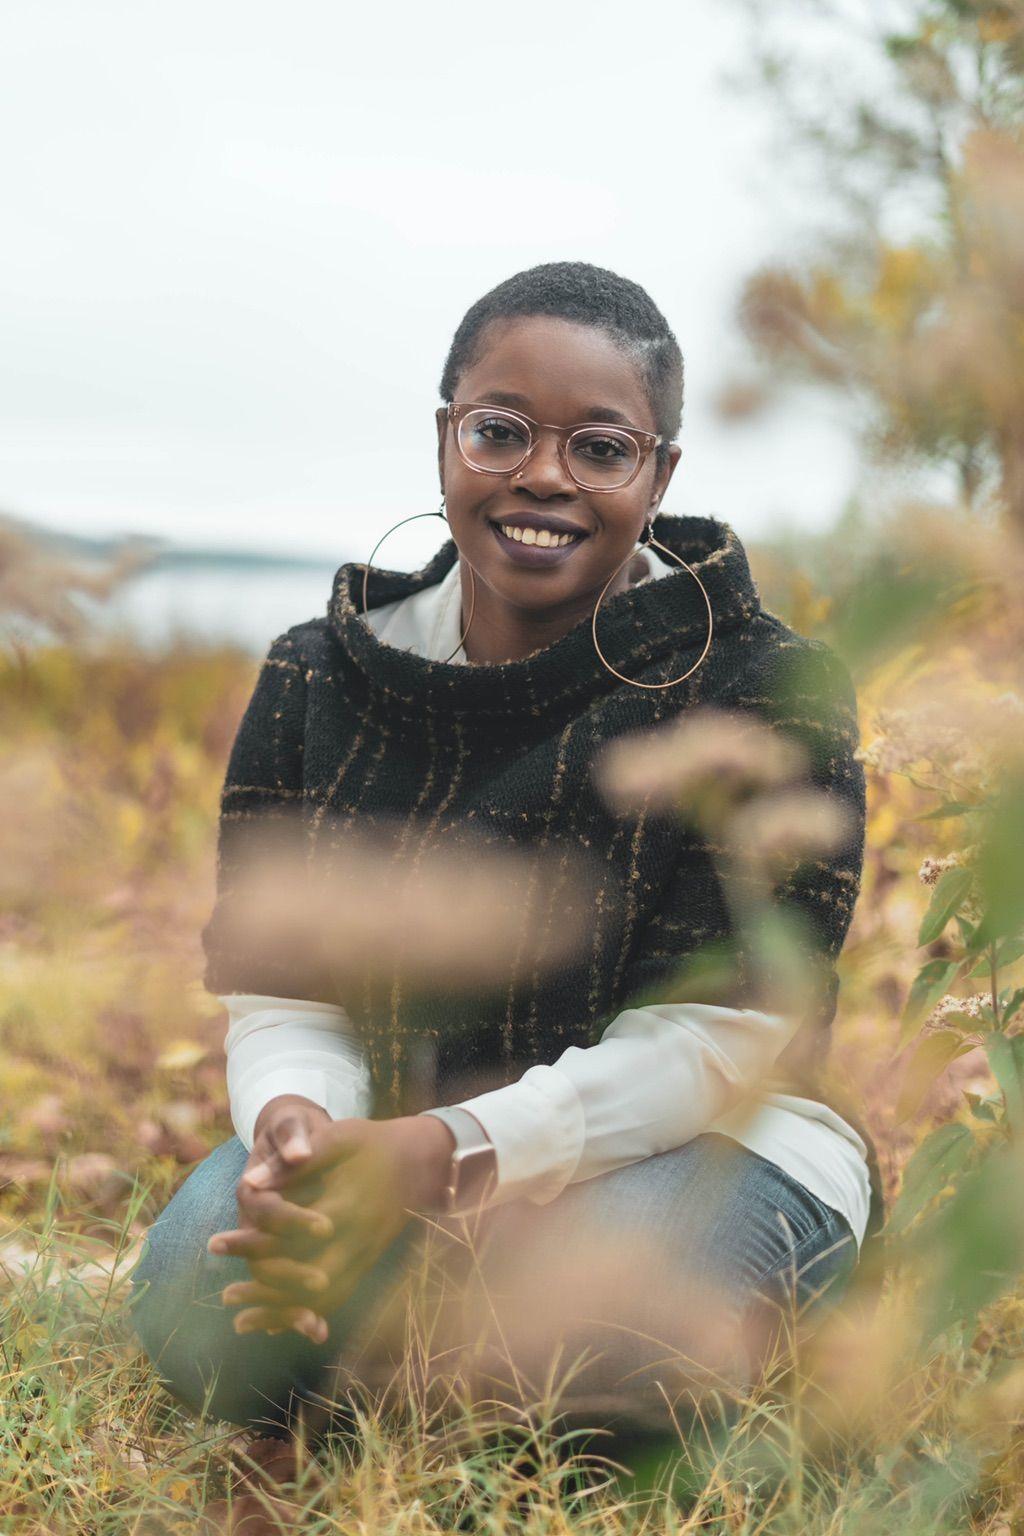 Portrait Photography - Memphis 2020